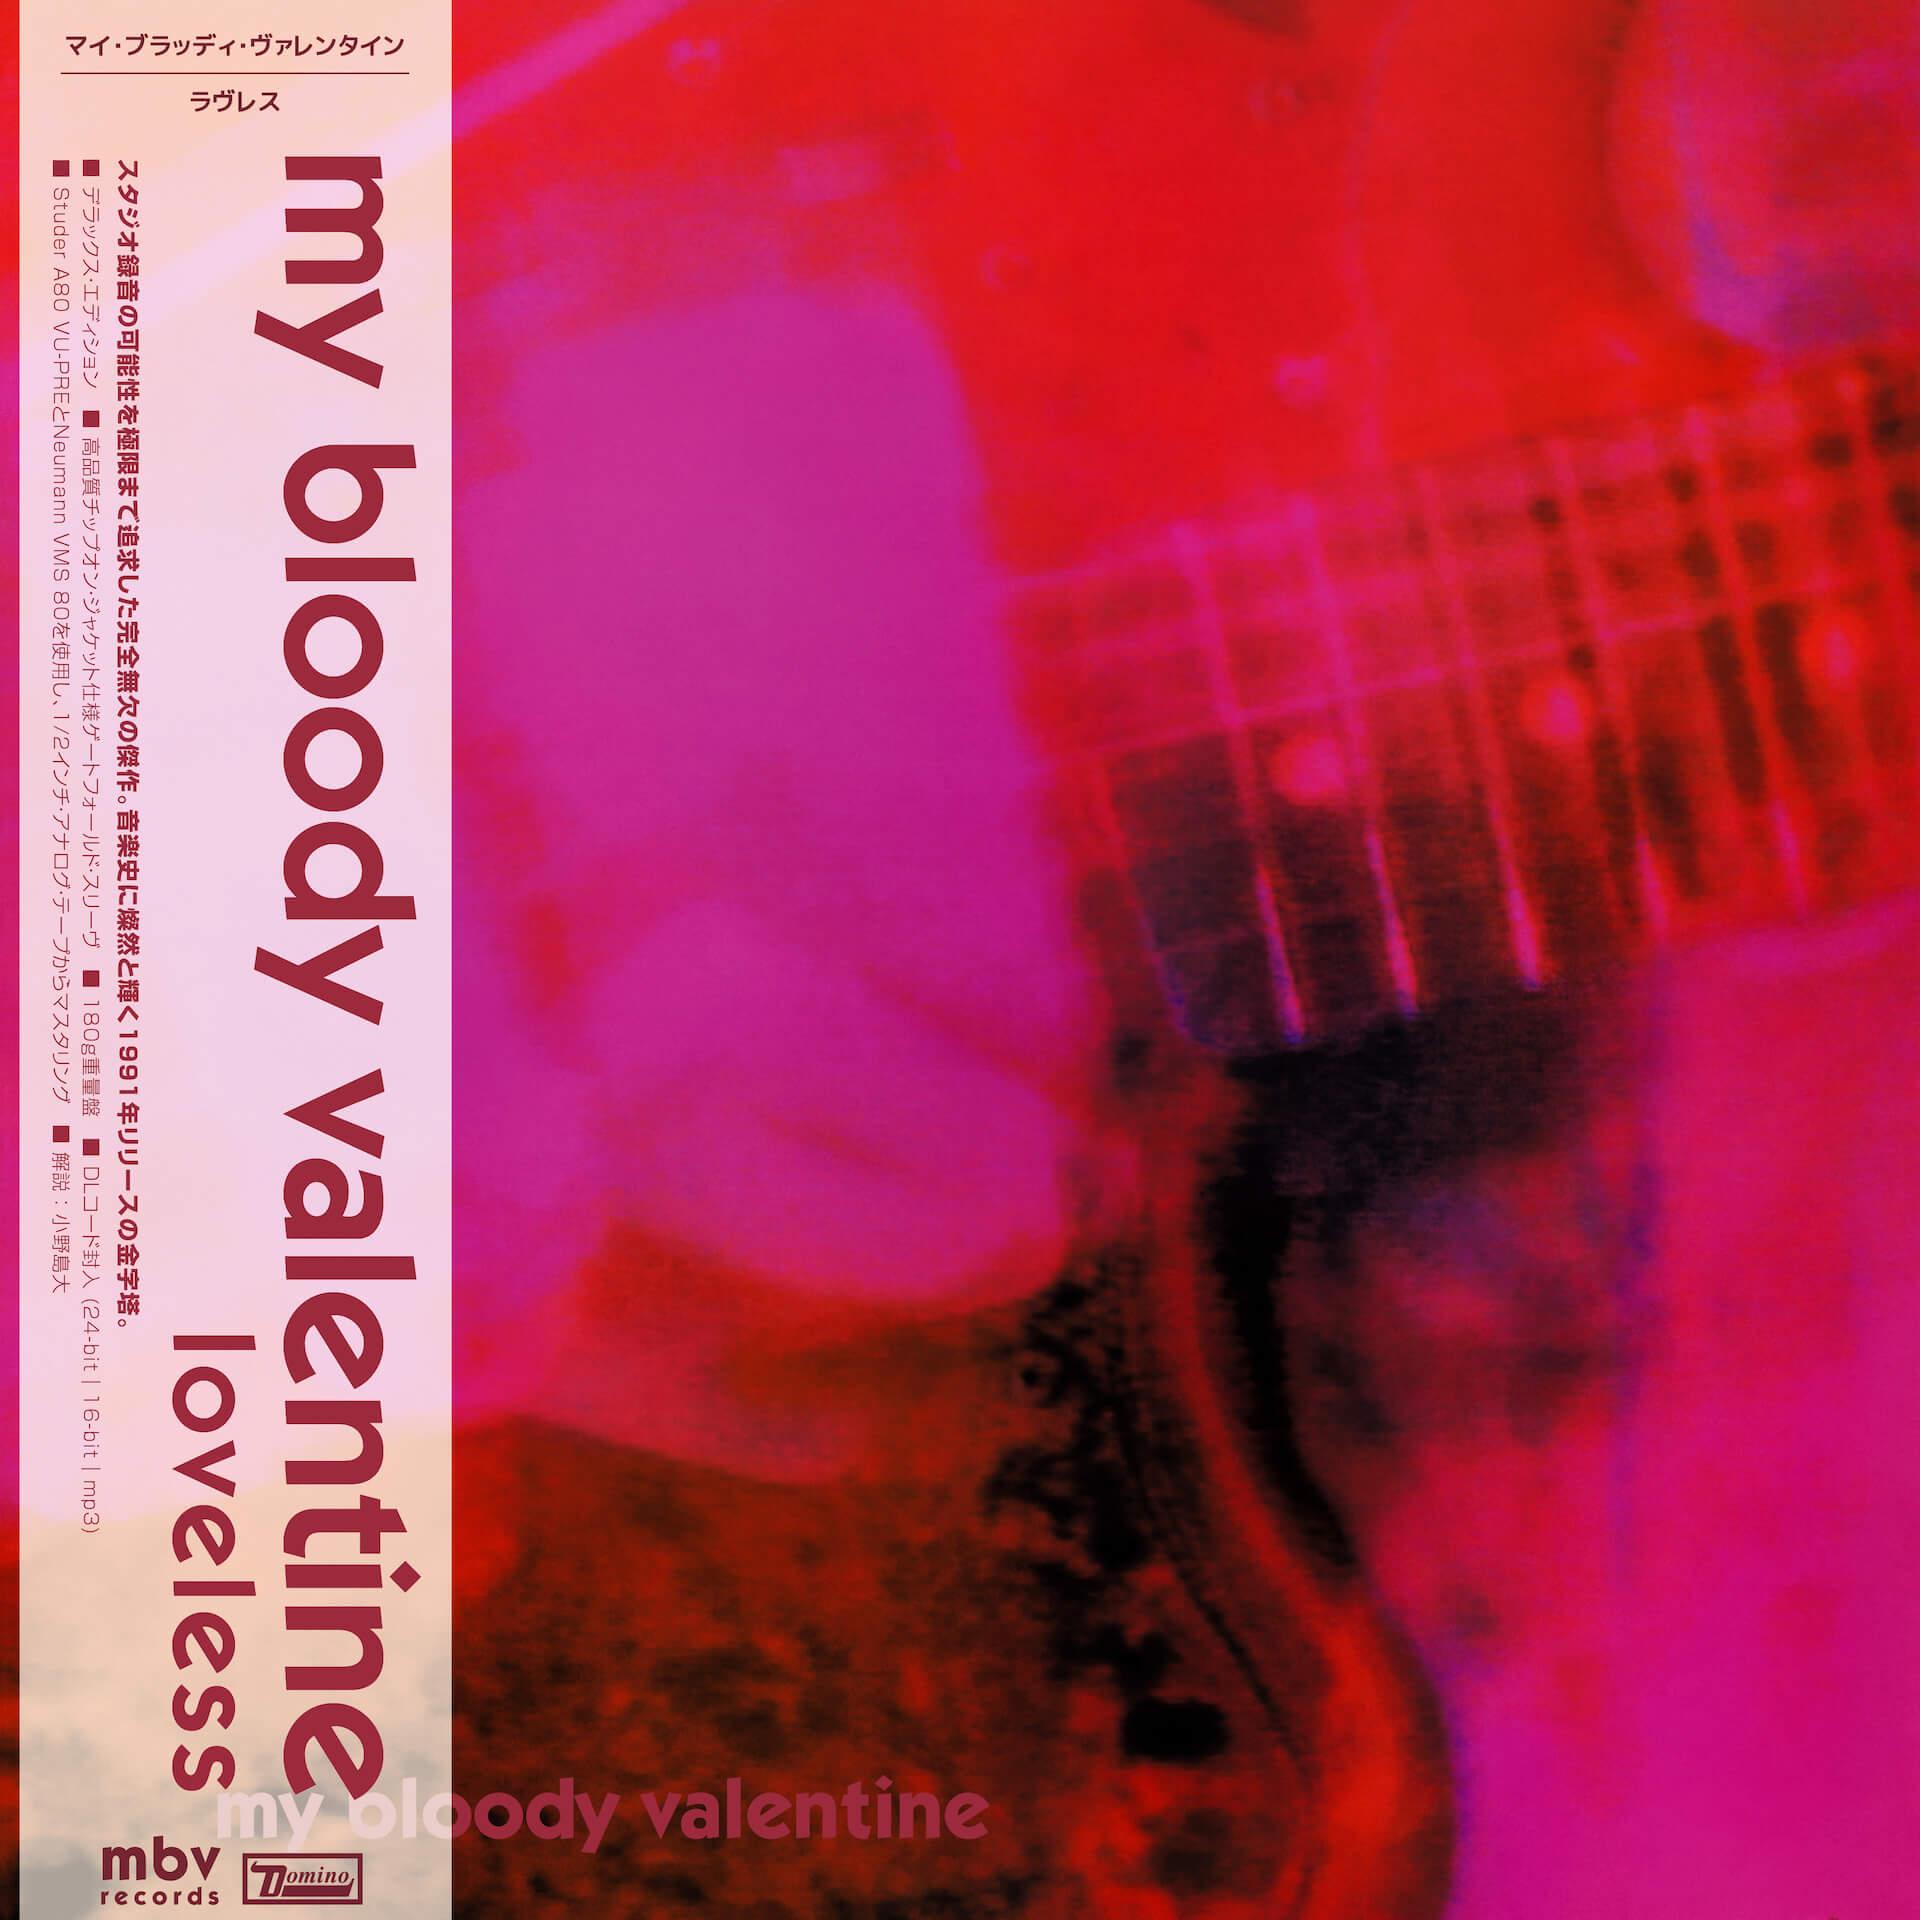 My Bloody Valentine新装盤CDとLPがいよいよ今週発売!レコードショップ別の各種特典が解禁 music210517_mybloodyvalentine-210517_22